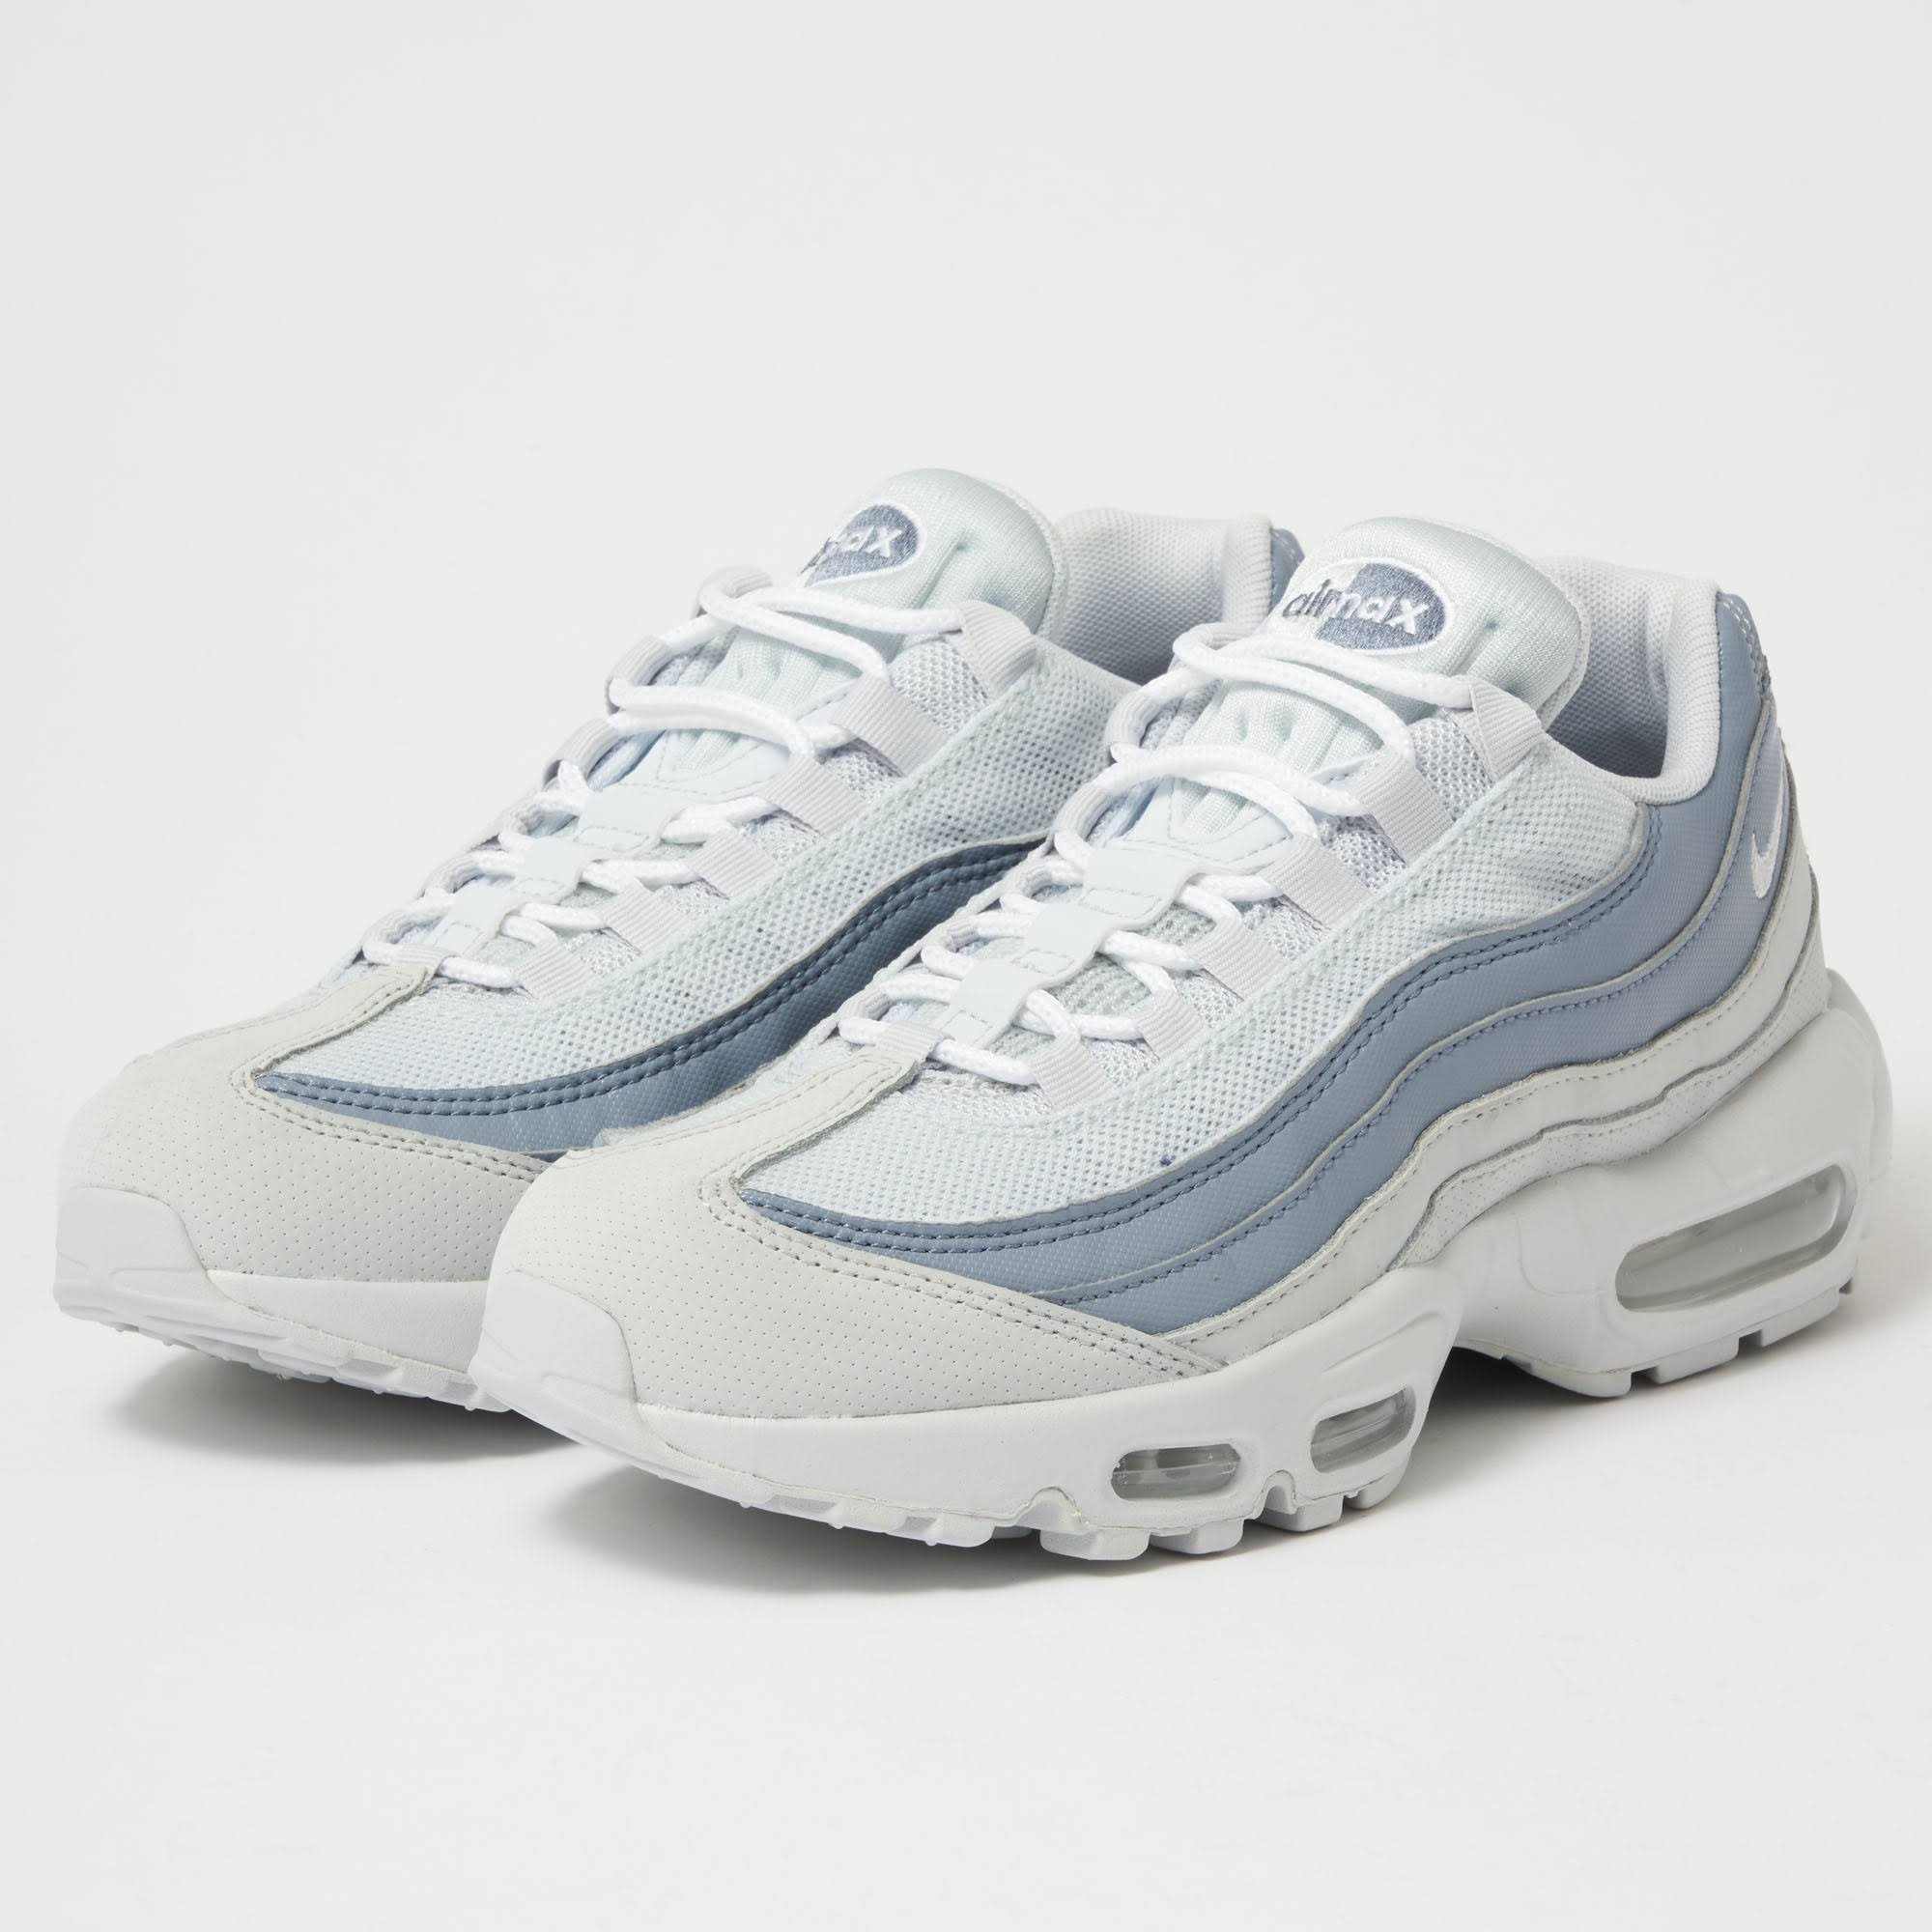 Reiner Herrenschuhe 12 Air Nike schiefer Max Platin Größe 749766036 95 Weiß eschen 70xw6wtq